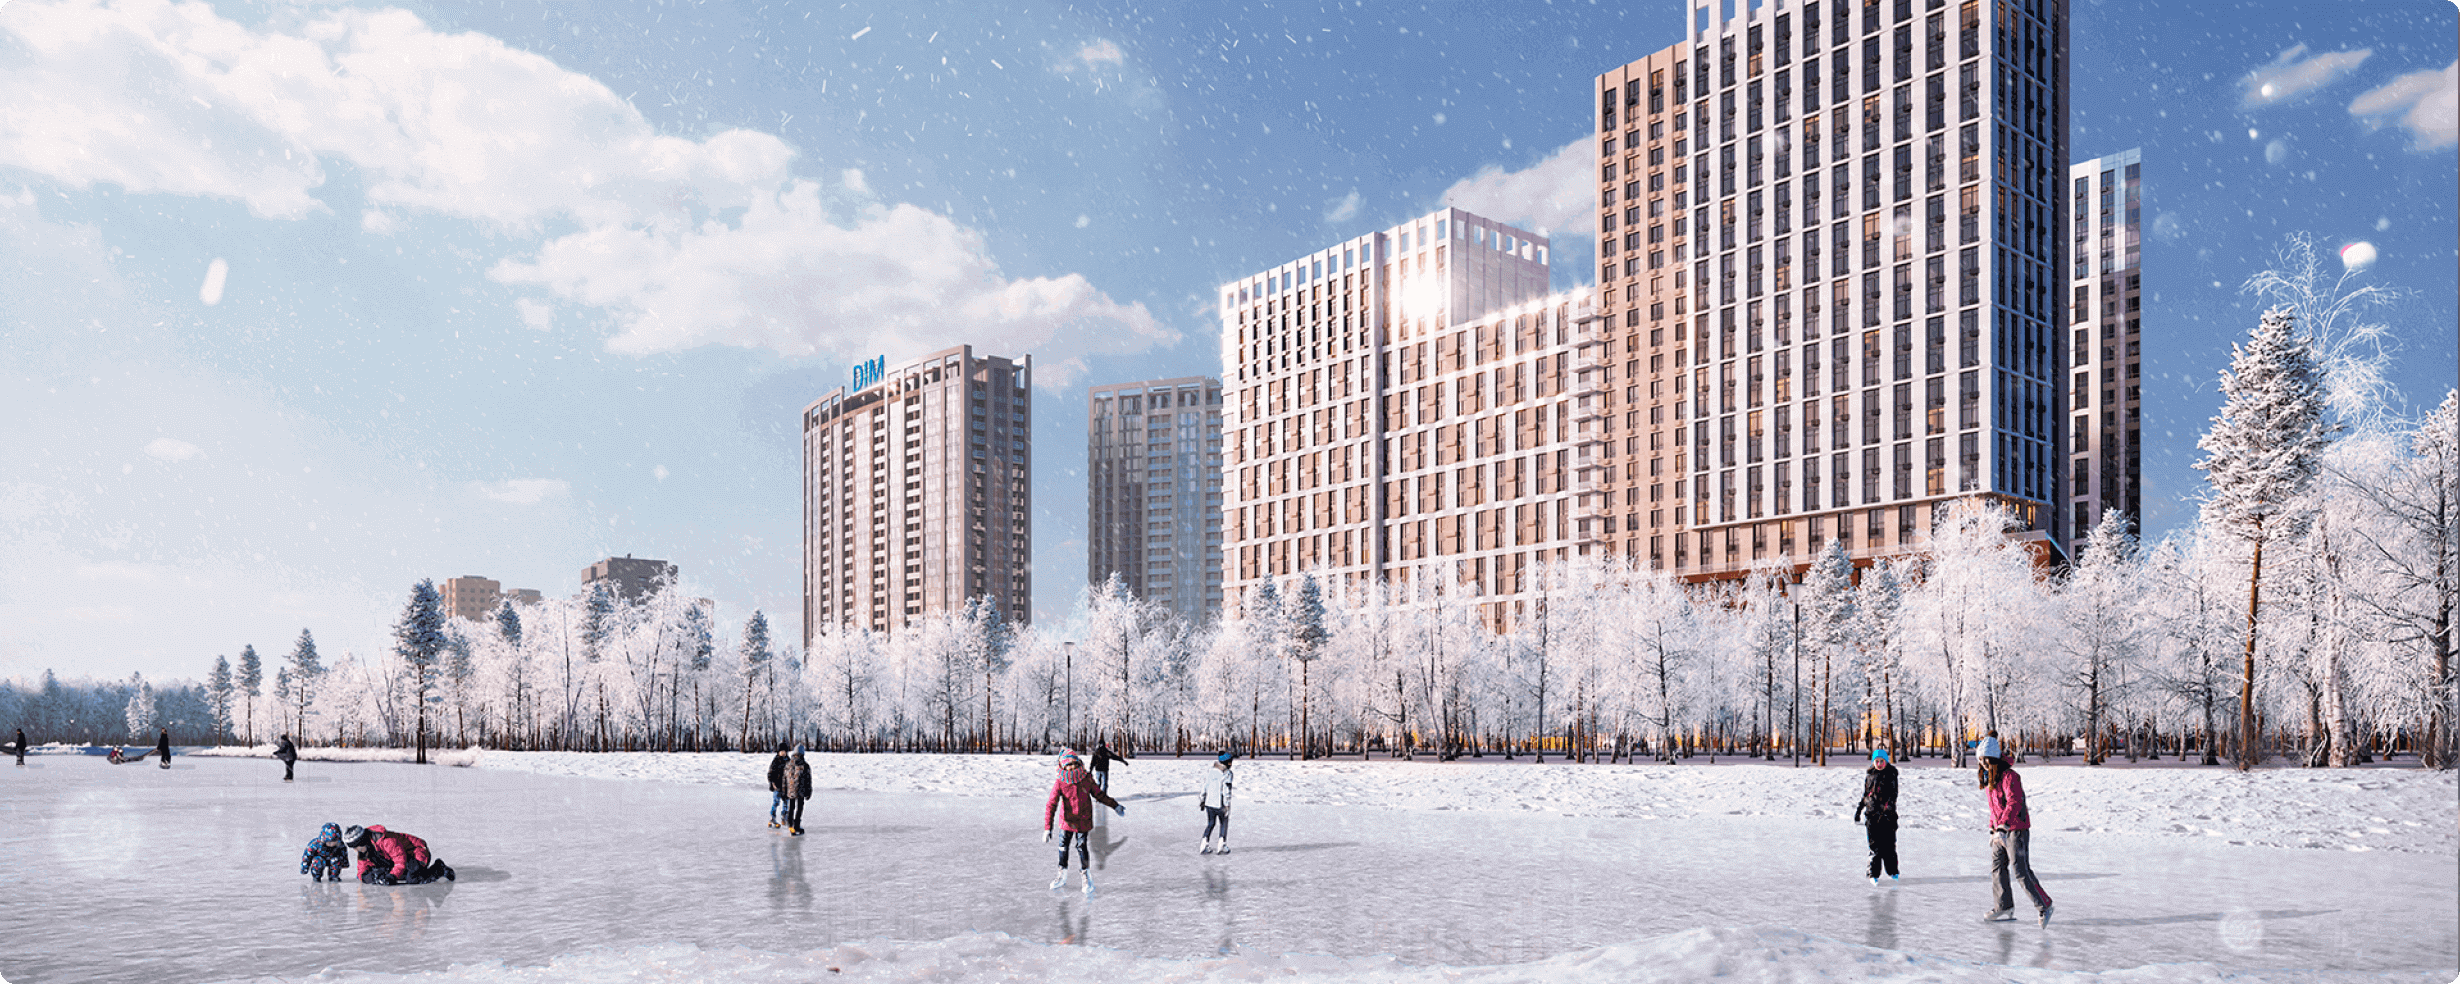 Единый центр недвижимости в Санкт-Петербурге